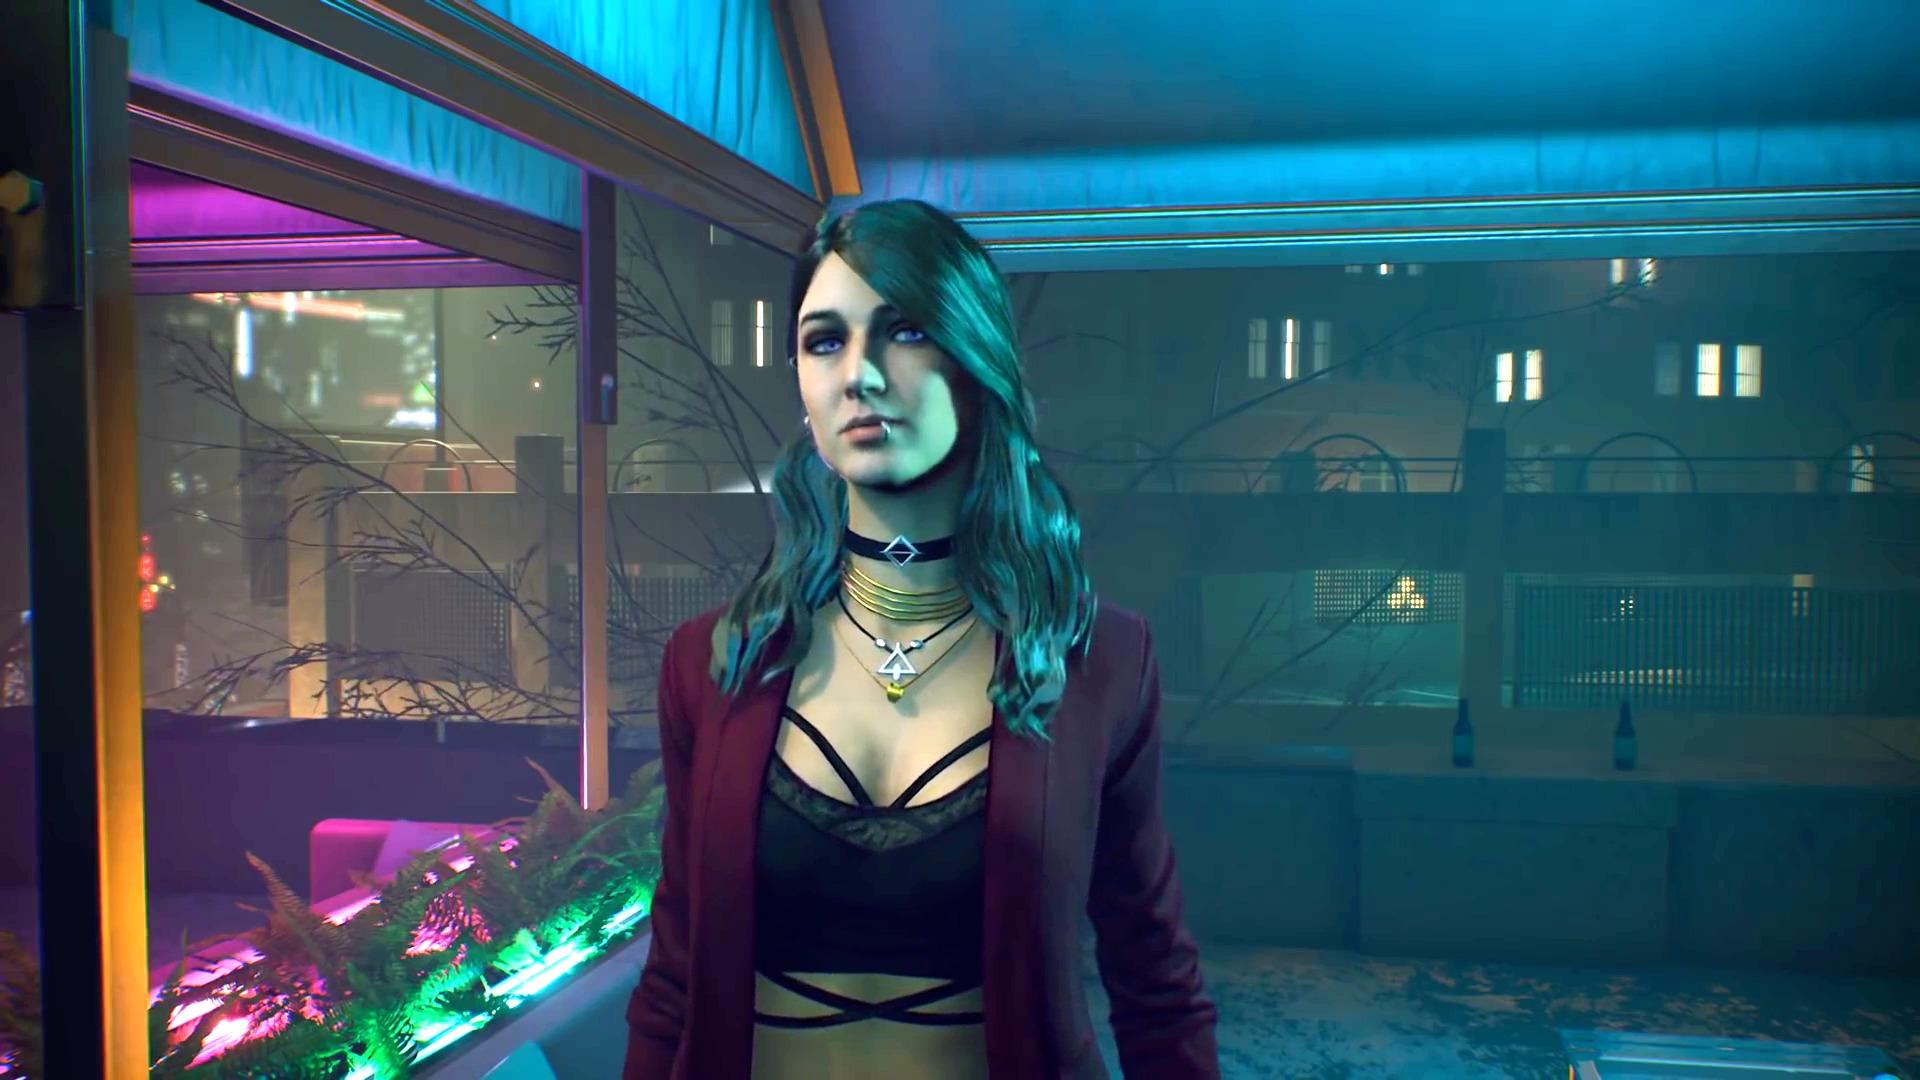 《吸血鬼:避世血族2》开发已通过Alpha阶段